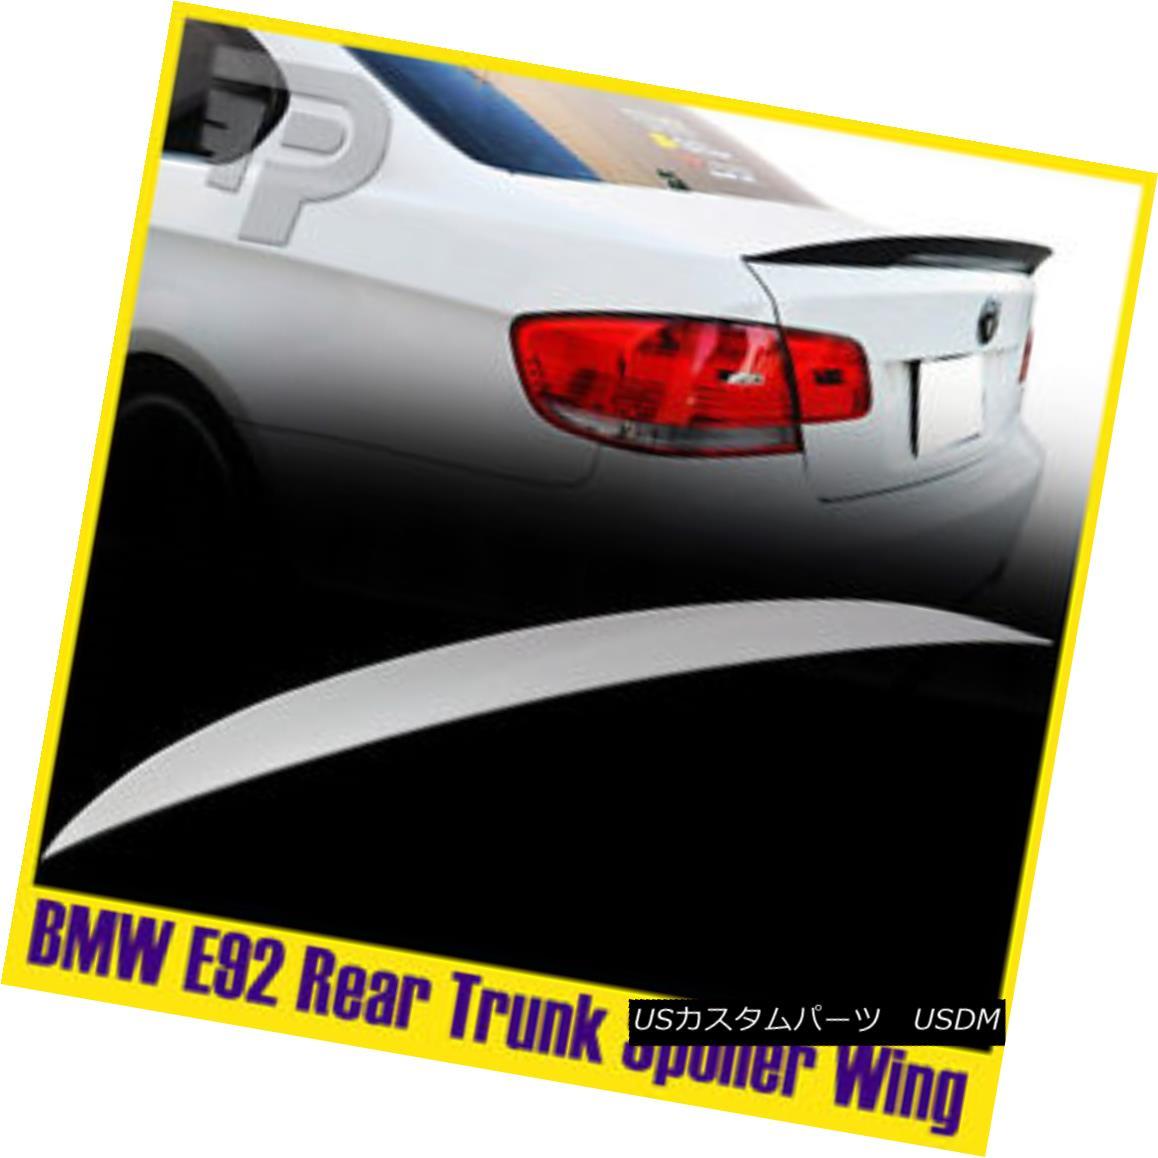 エアロパーツ PAINTED #300 HIGH KICK BMW E92 P-Style 2DR Coup? Rear Trunk Boot Spoiler 塗装済み#300ハイキックBMW E92 P-スタイル2DRクーペリア・トランク・ブーツ・スポイラー